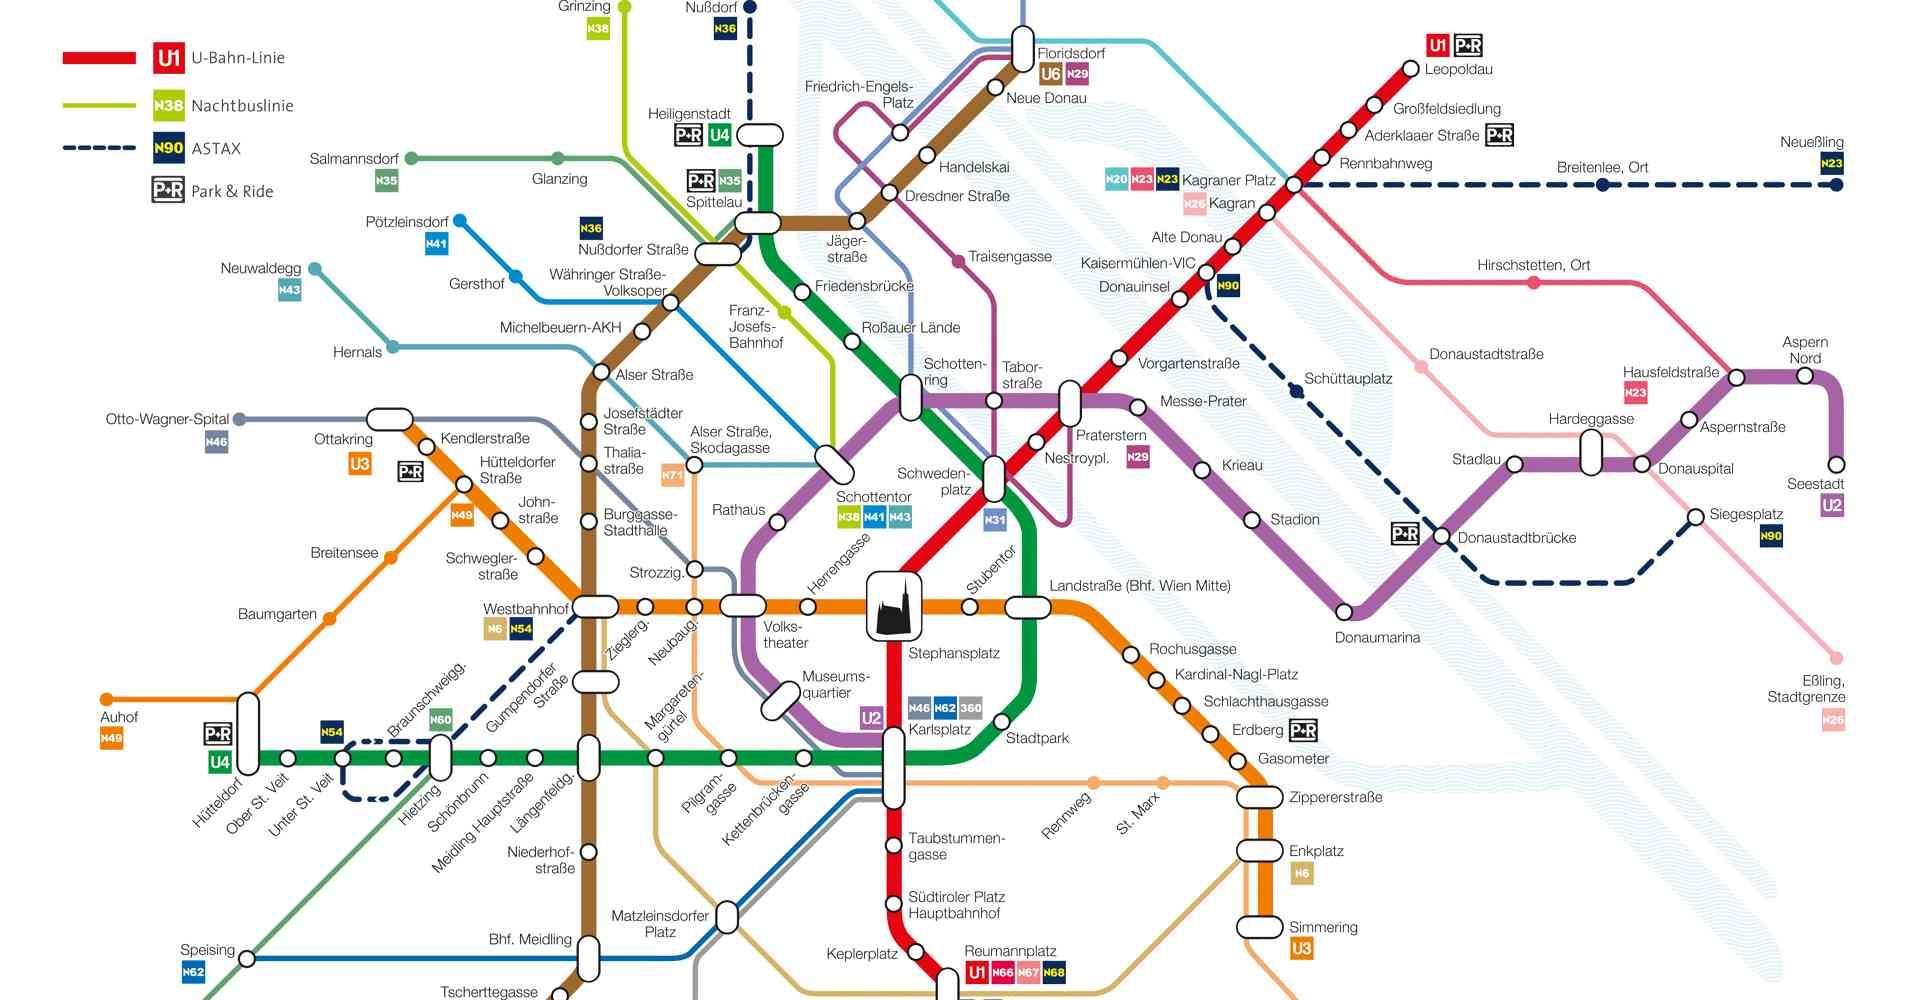 Auch in der Nacht wartet auf die Fahrgäste ein dichtes Netz bestehend aus der Nacht-U-Bahn und diversen Autobuslinien.